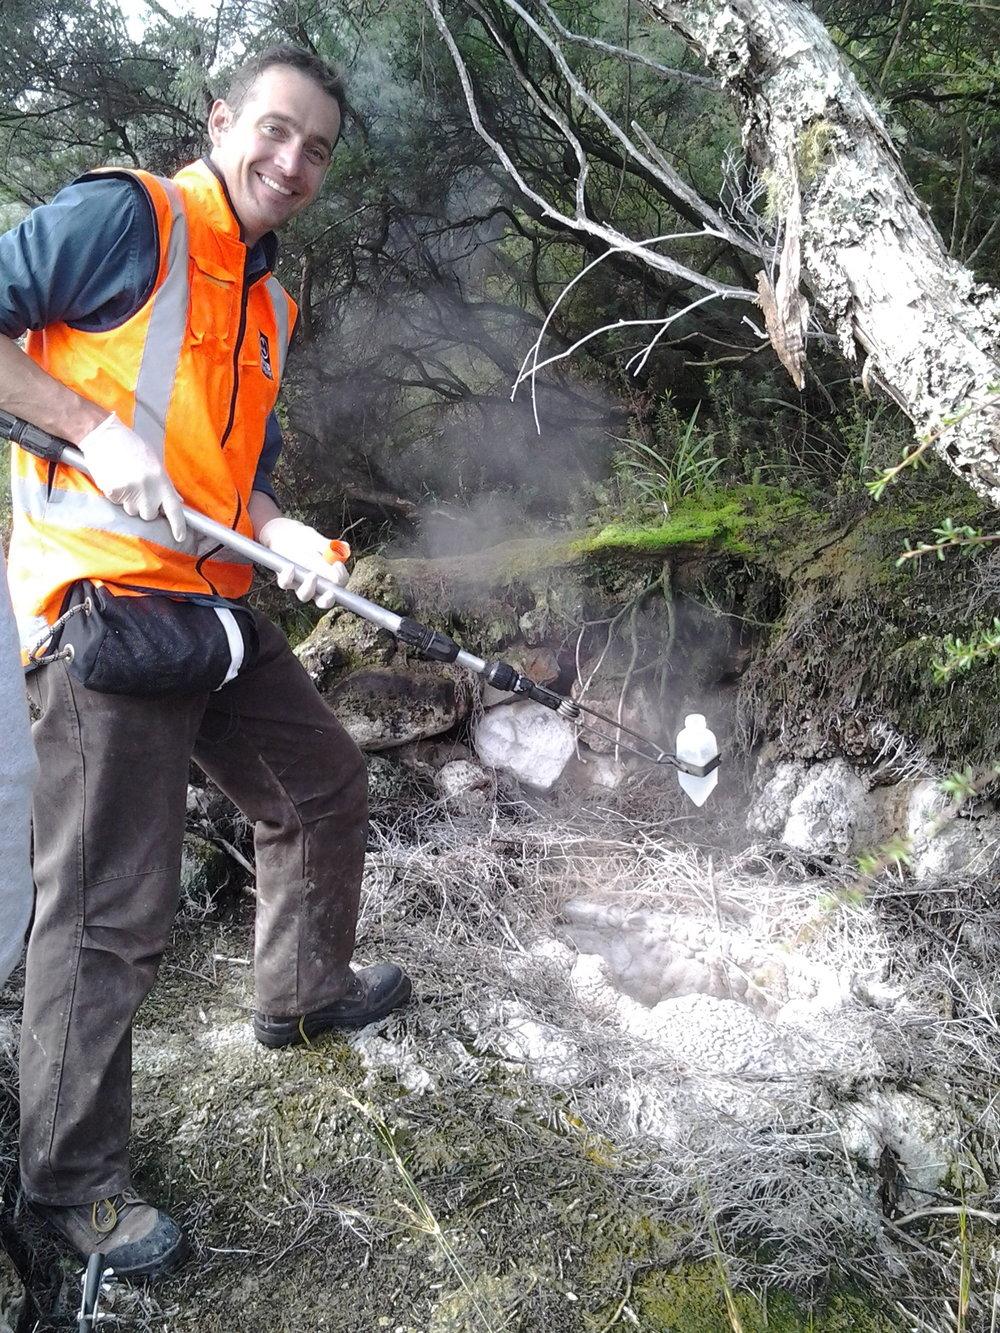 Matthew Stott sampling a small geothermal hotspring ( p1. 0999) at Orakei Korako